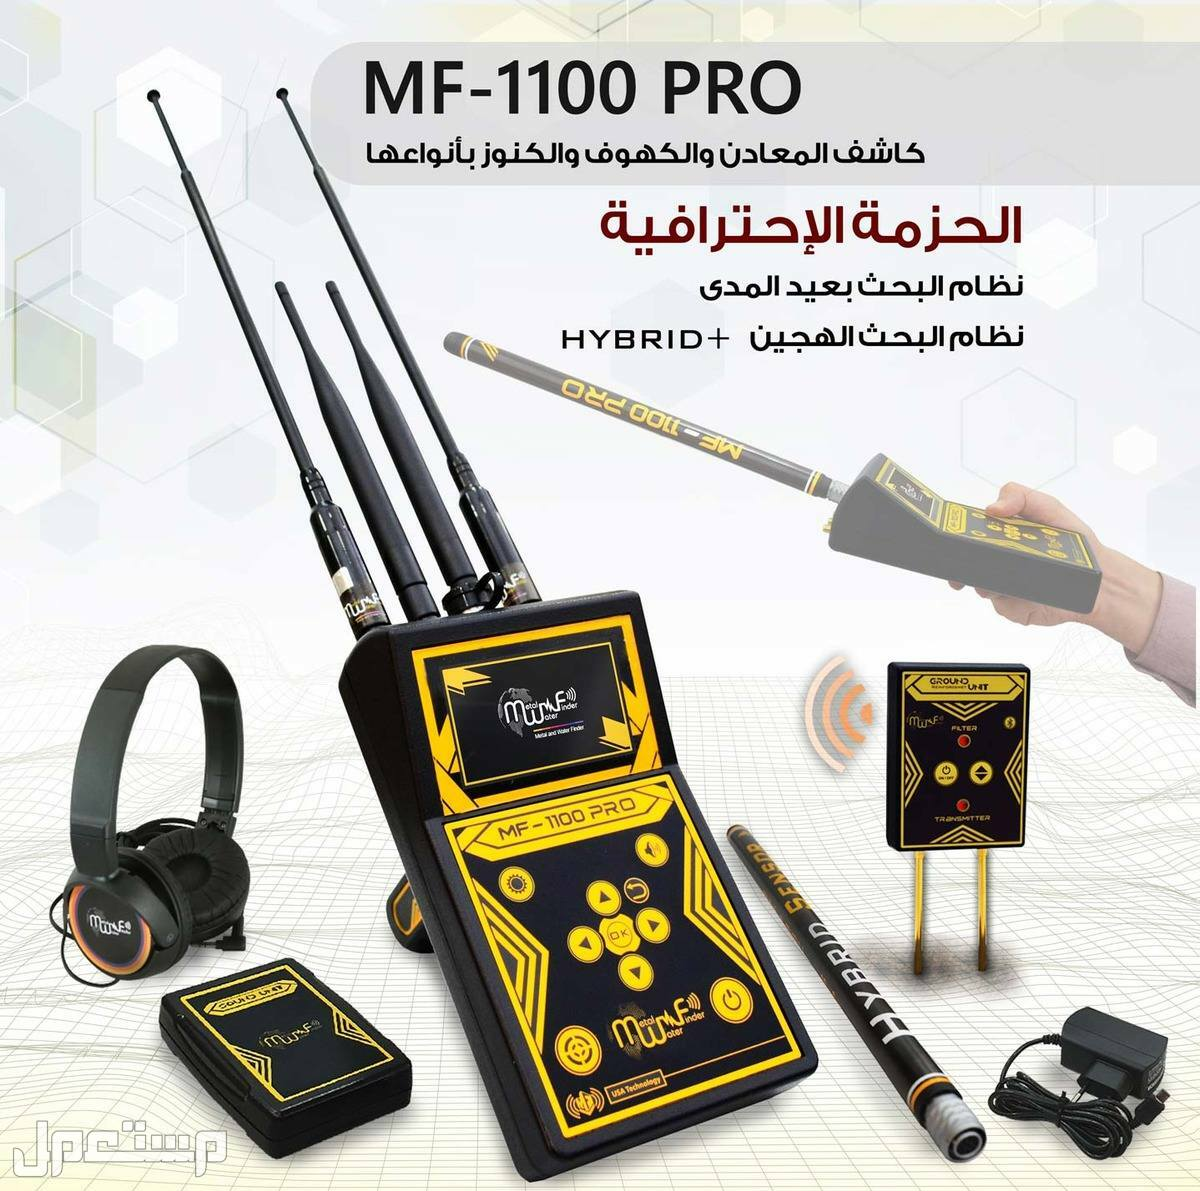 MF1100 PRO جهاز كشف الذهب الأستشعاري المتطور جهاز كشف الذهب MF 1100 PRO المتطور ( الحزمة الأحترافية  )